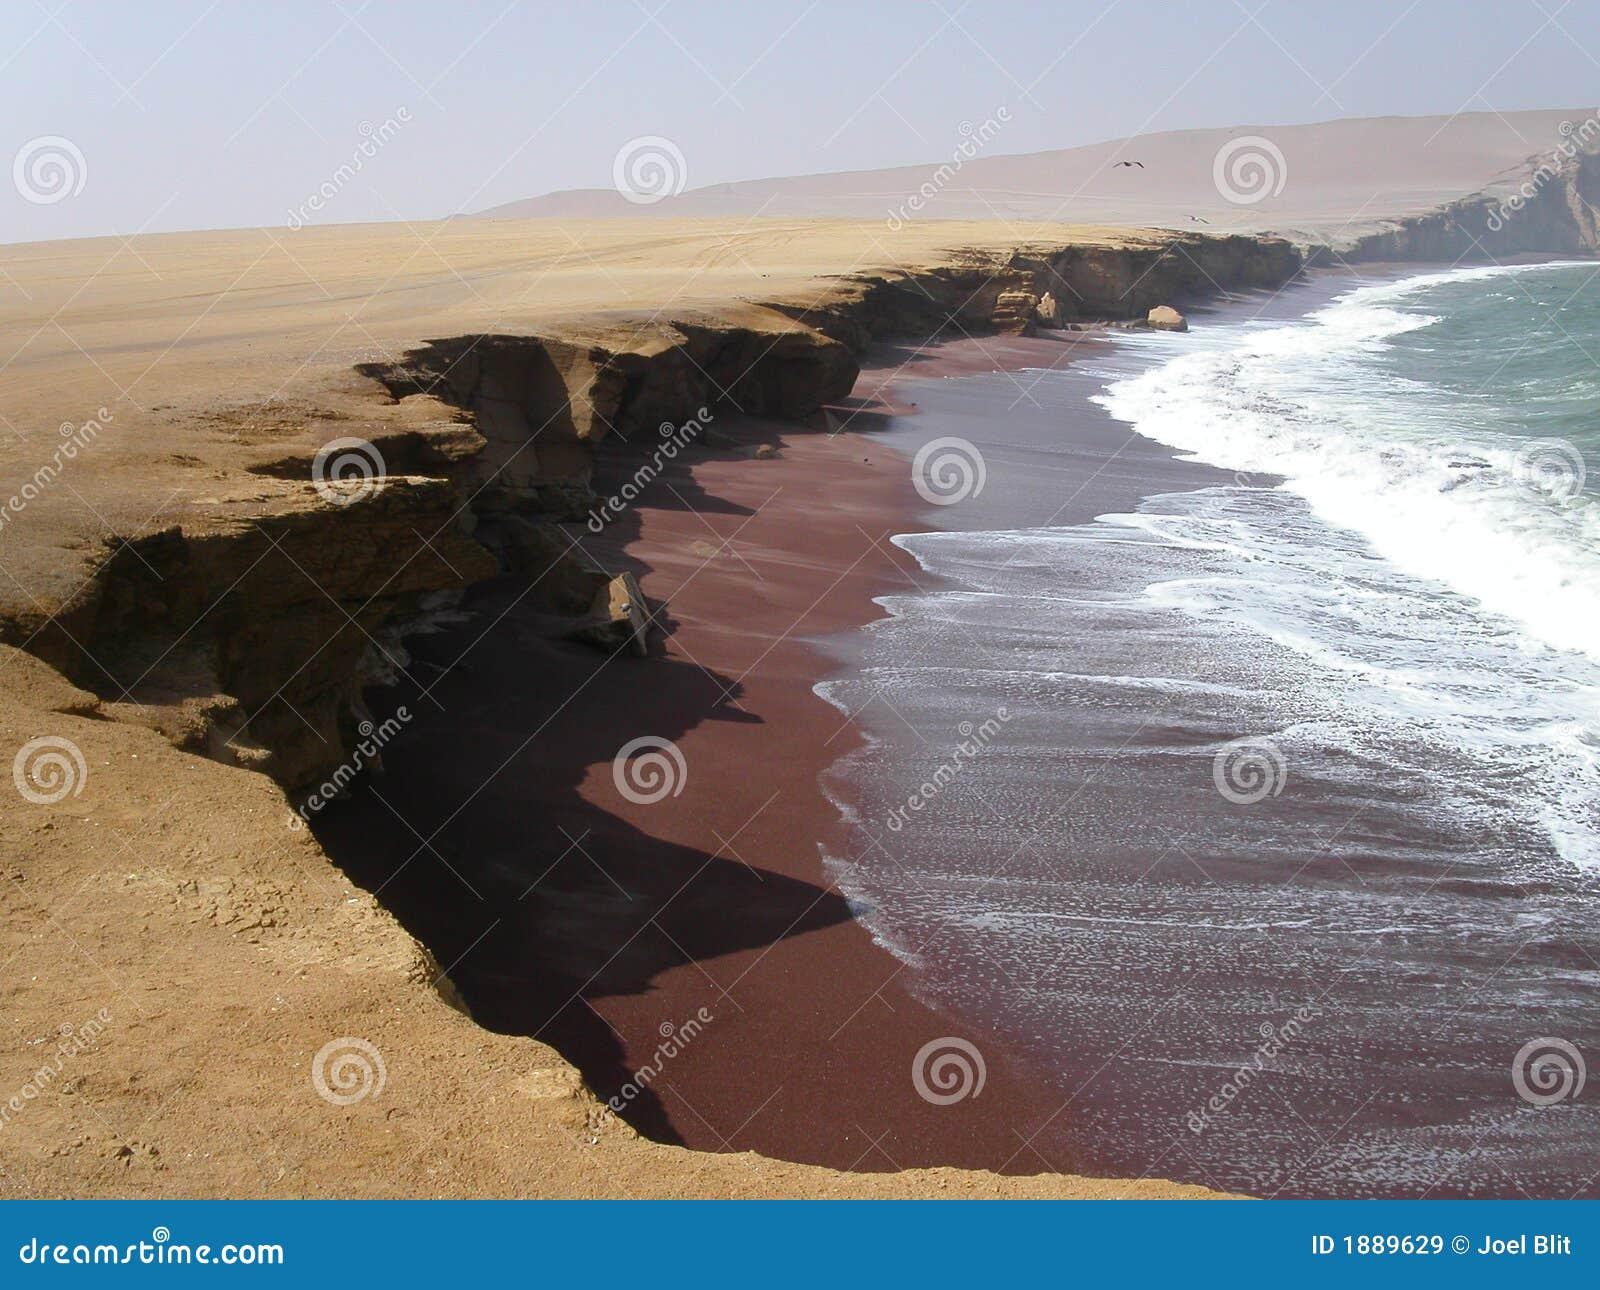 Crescent beach with dark brown sand